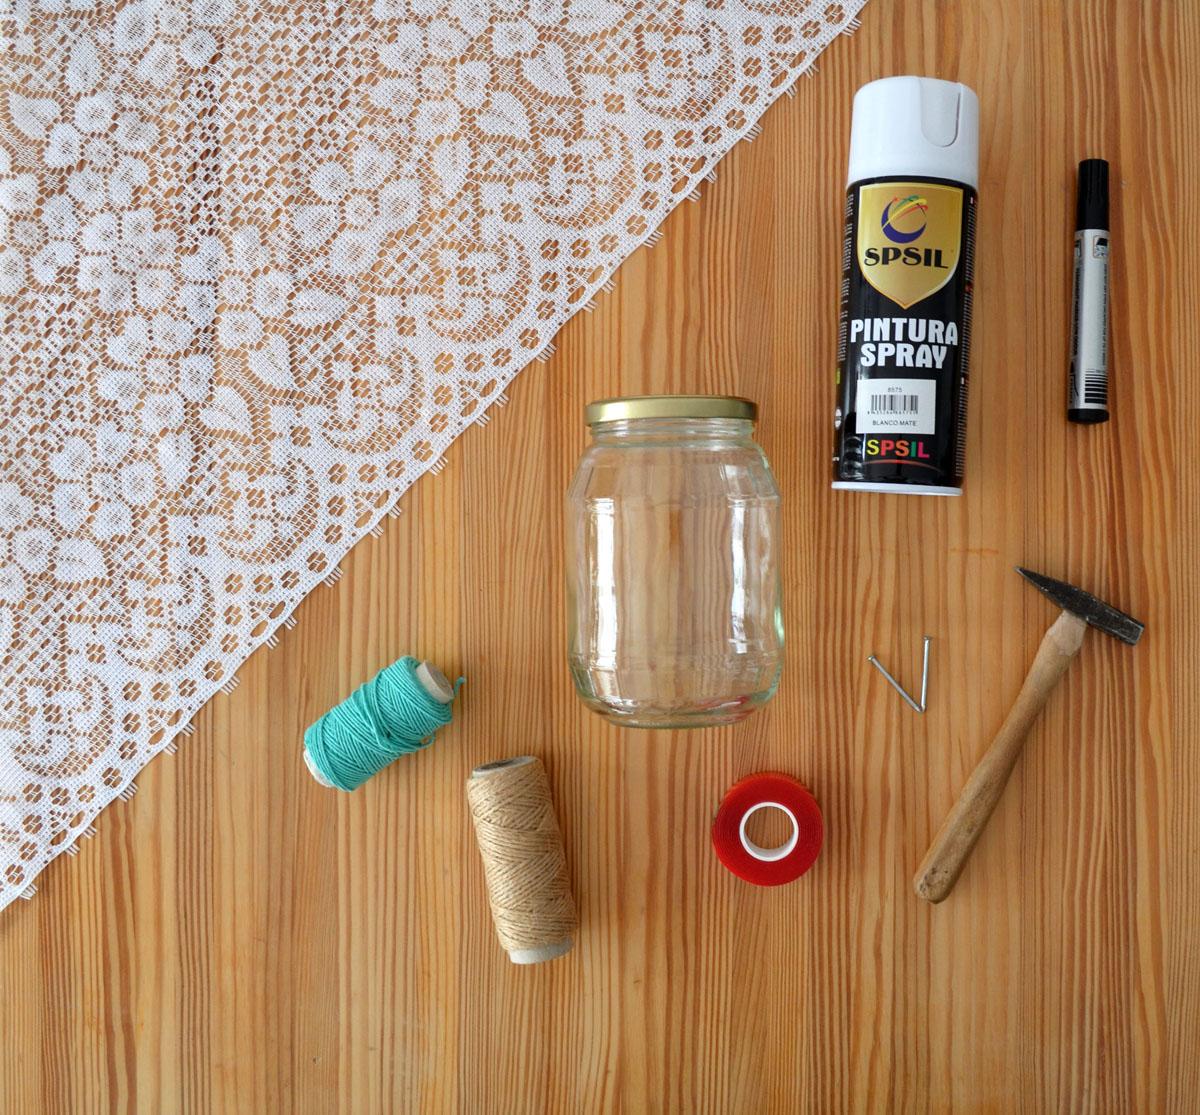 Renovar l mpara holm departamento de ideas - Como hacer una lampara de pie artesanal ...